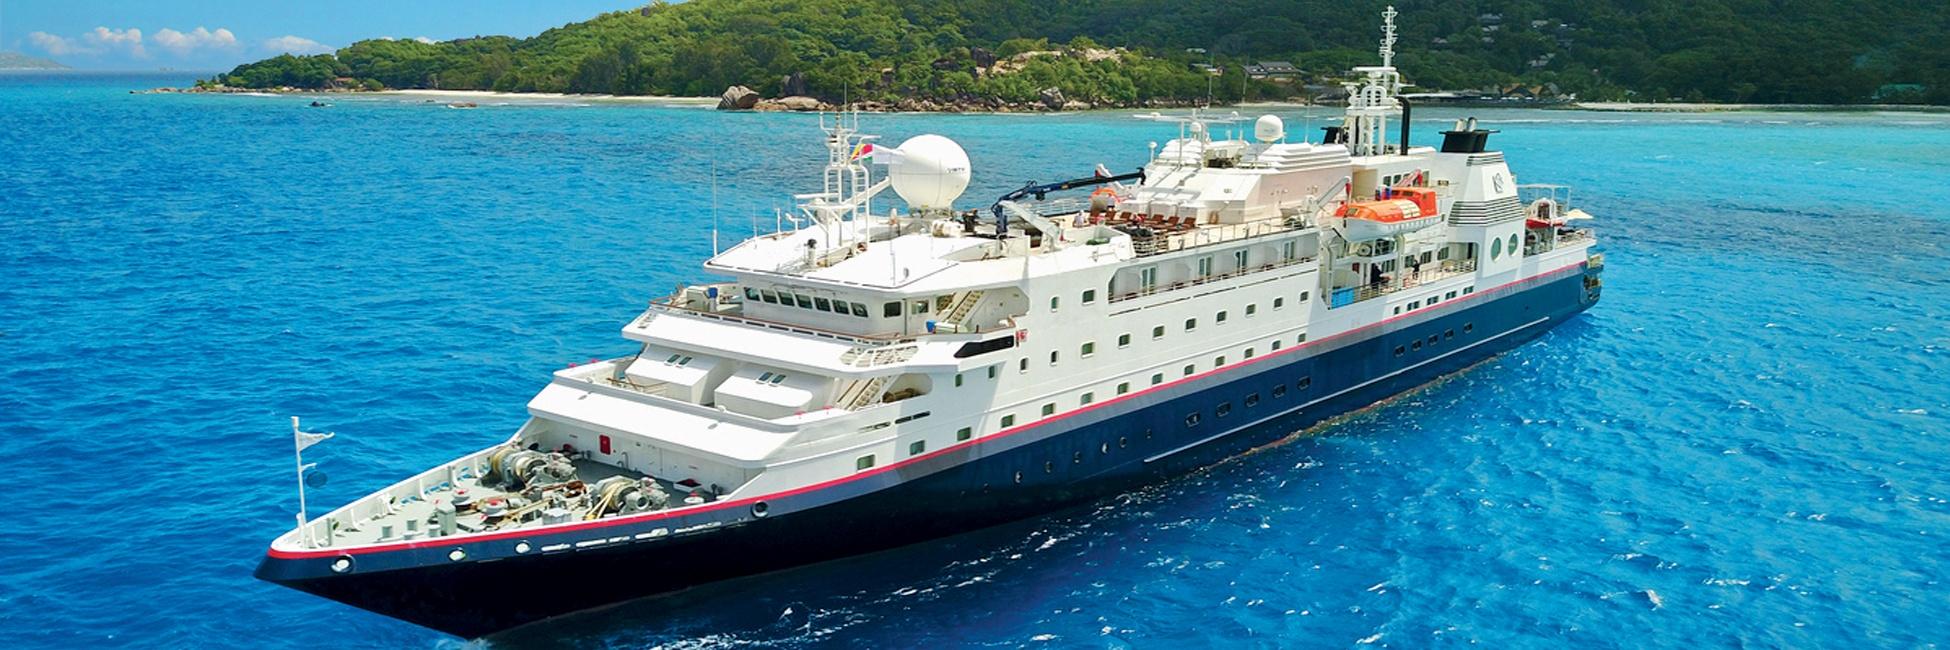 MV La Belle des Oceans